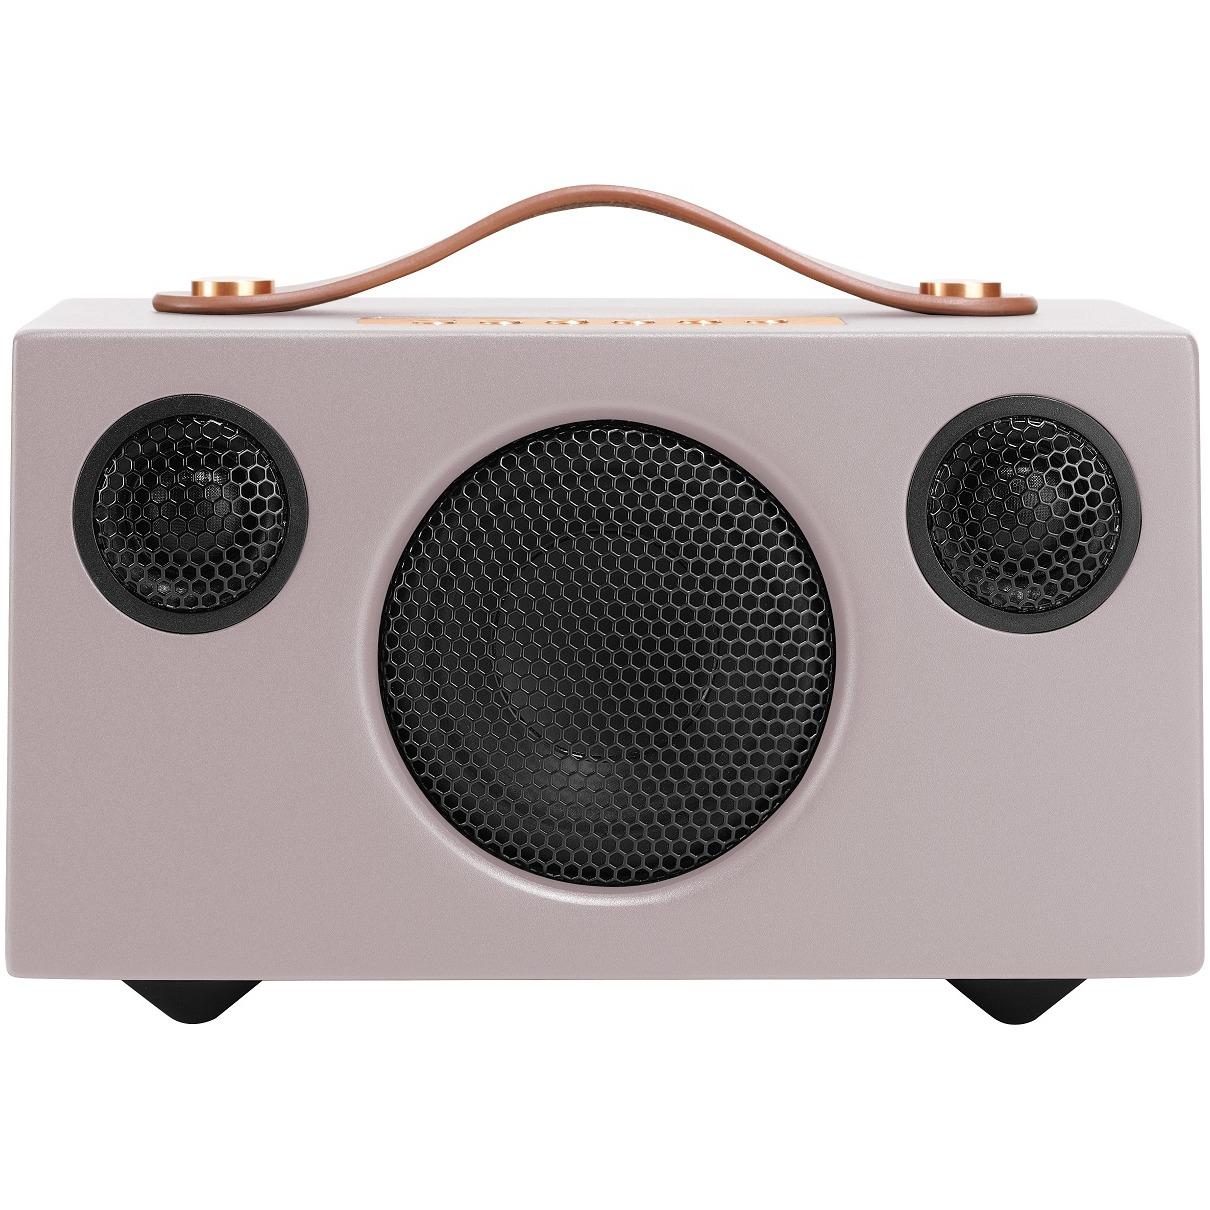 Afbeelding van Audio Pro bluetooth speaker Addon T3 roze